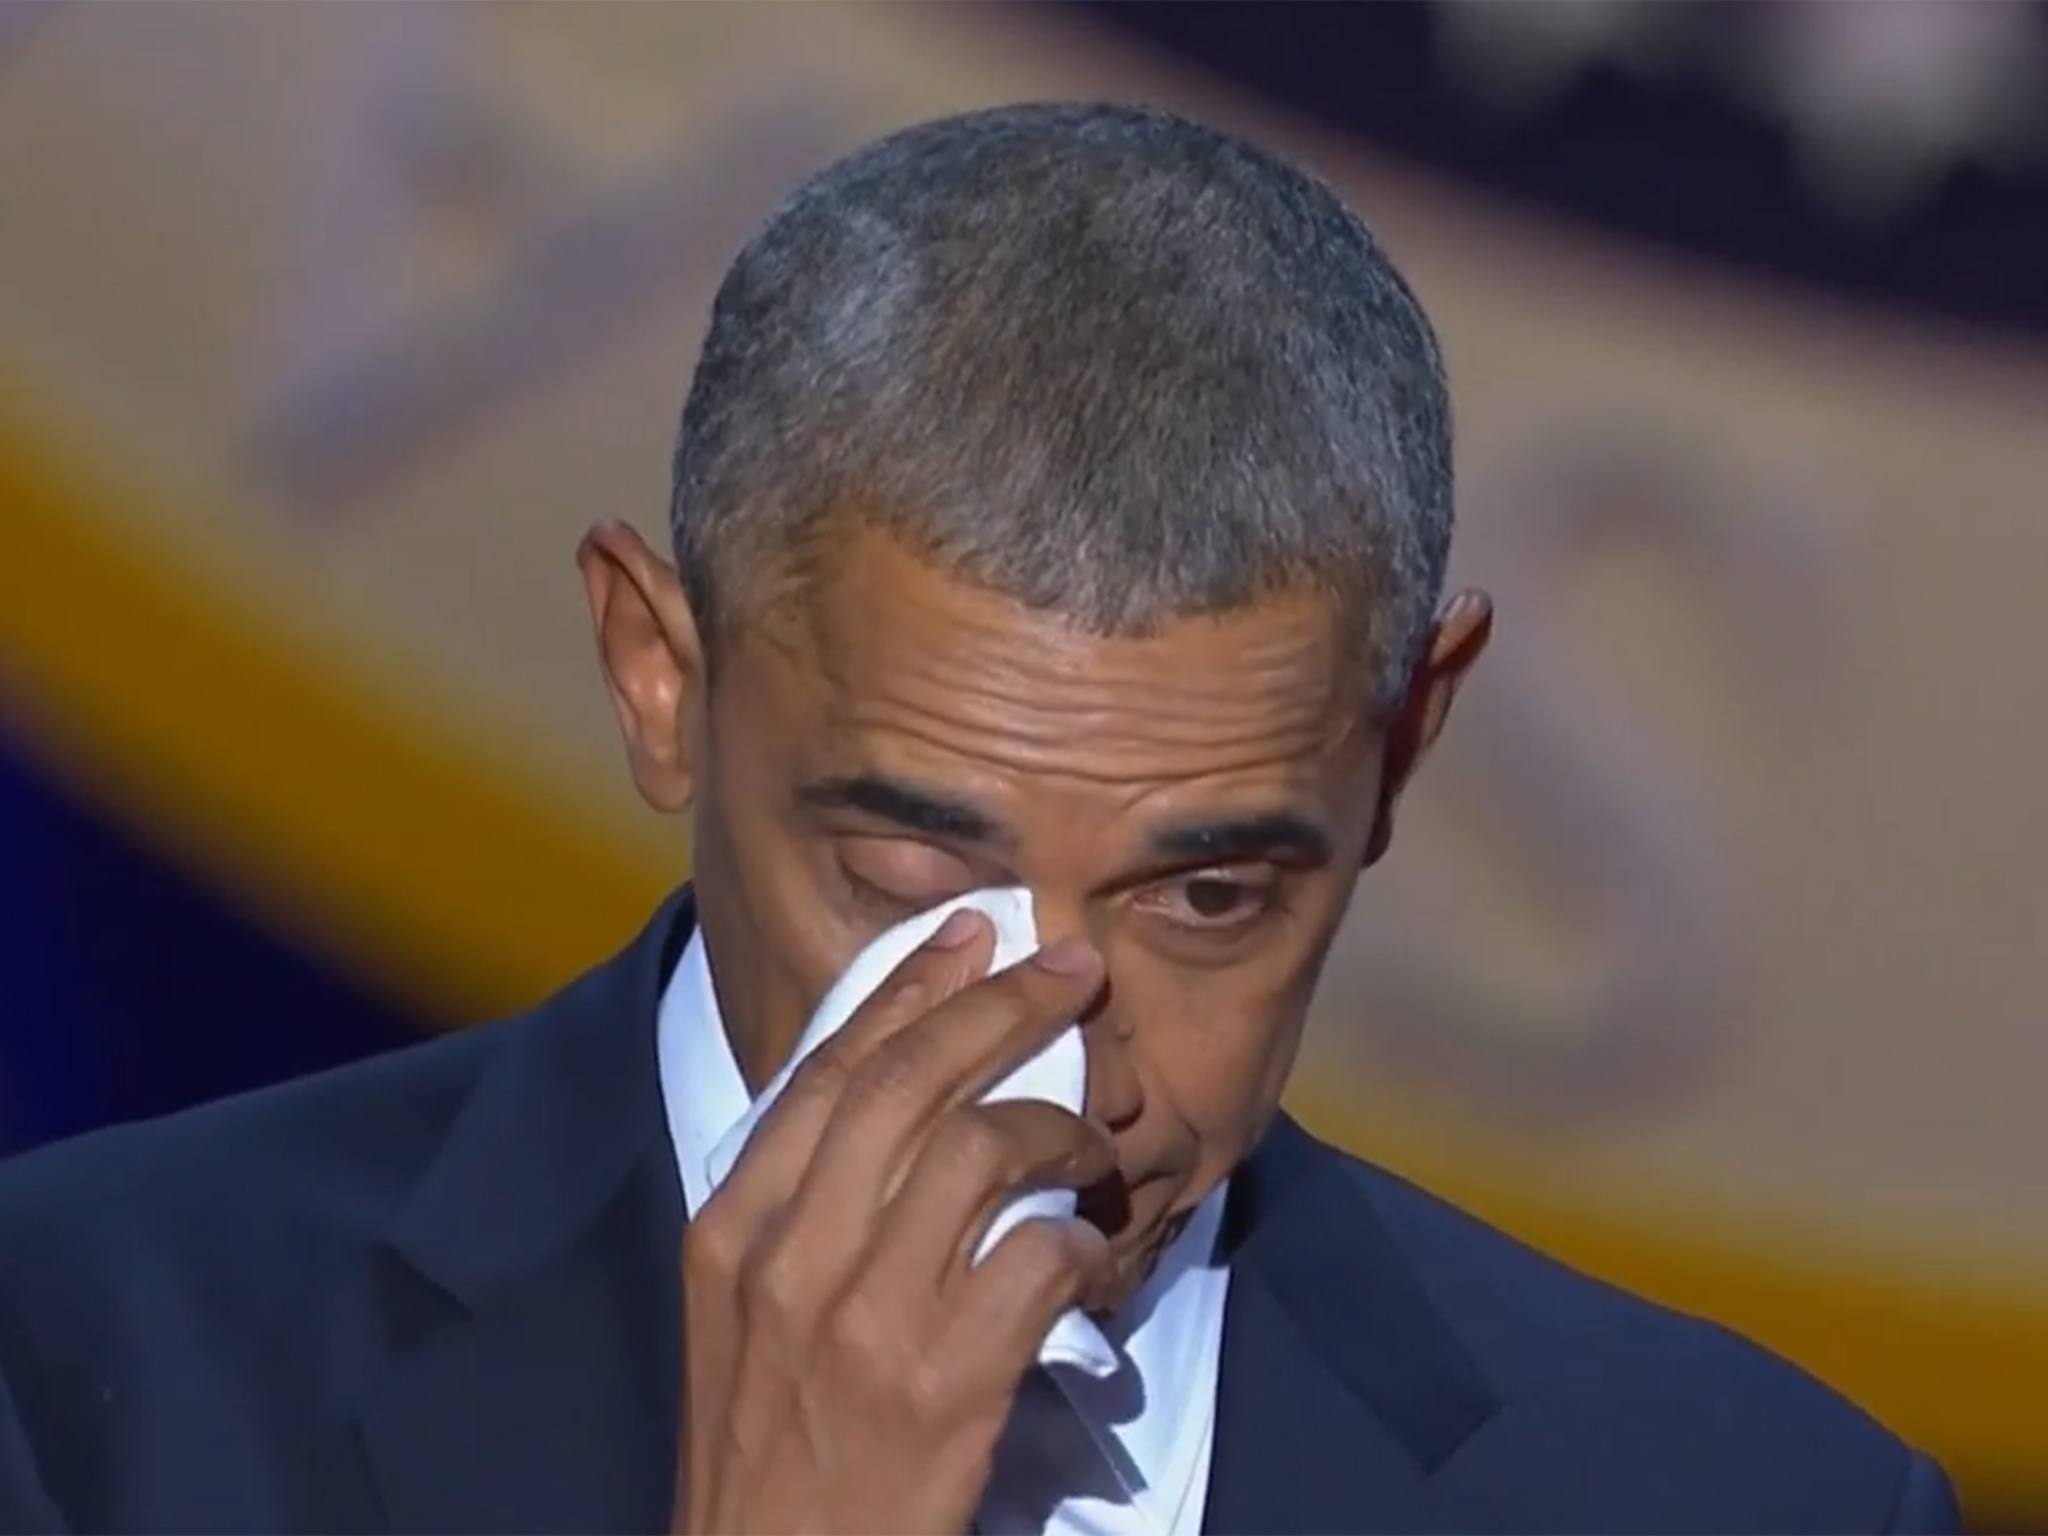 obama-cxrying